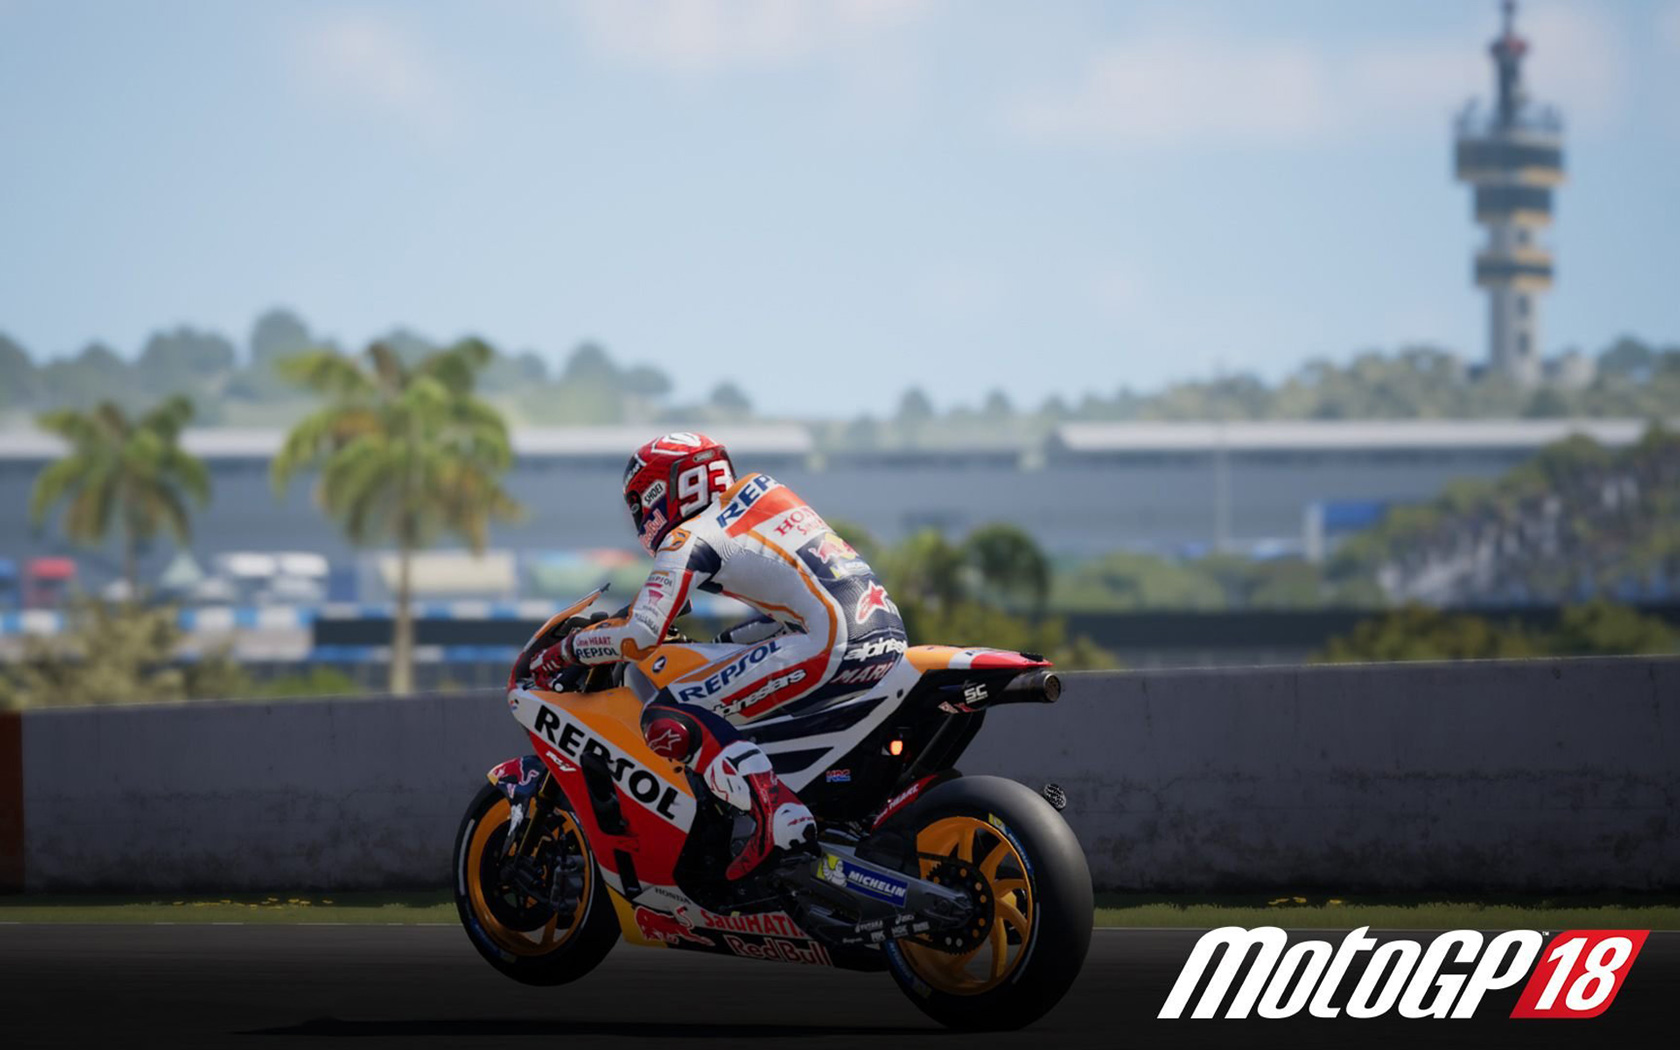 Free MotoGP 18 Wallpaper in 1680x1050